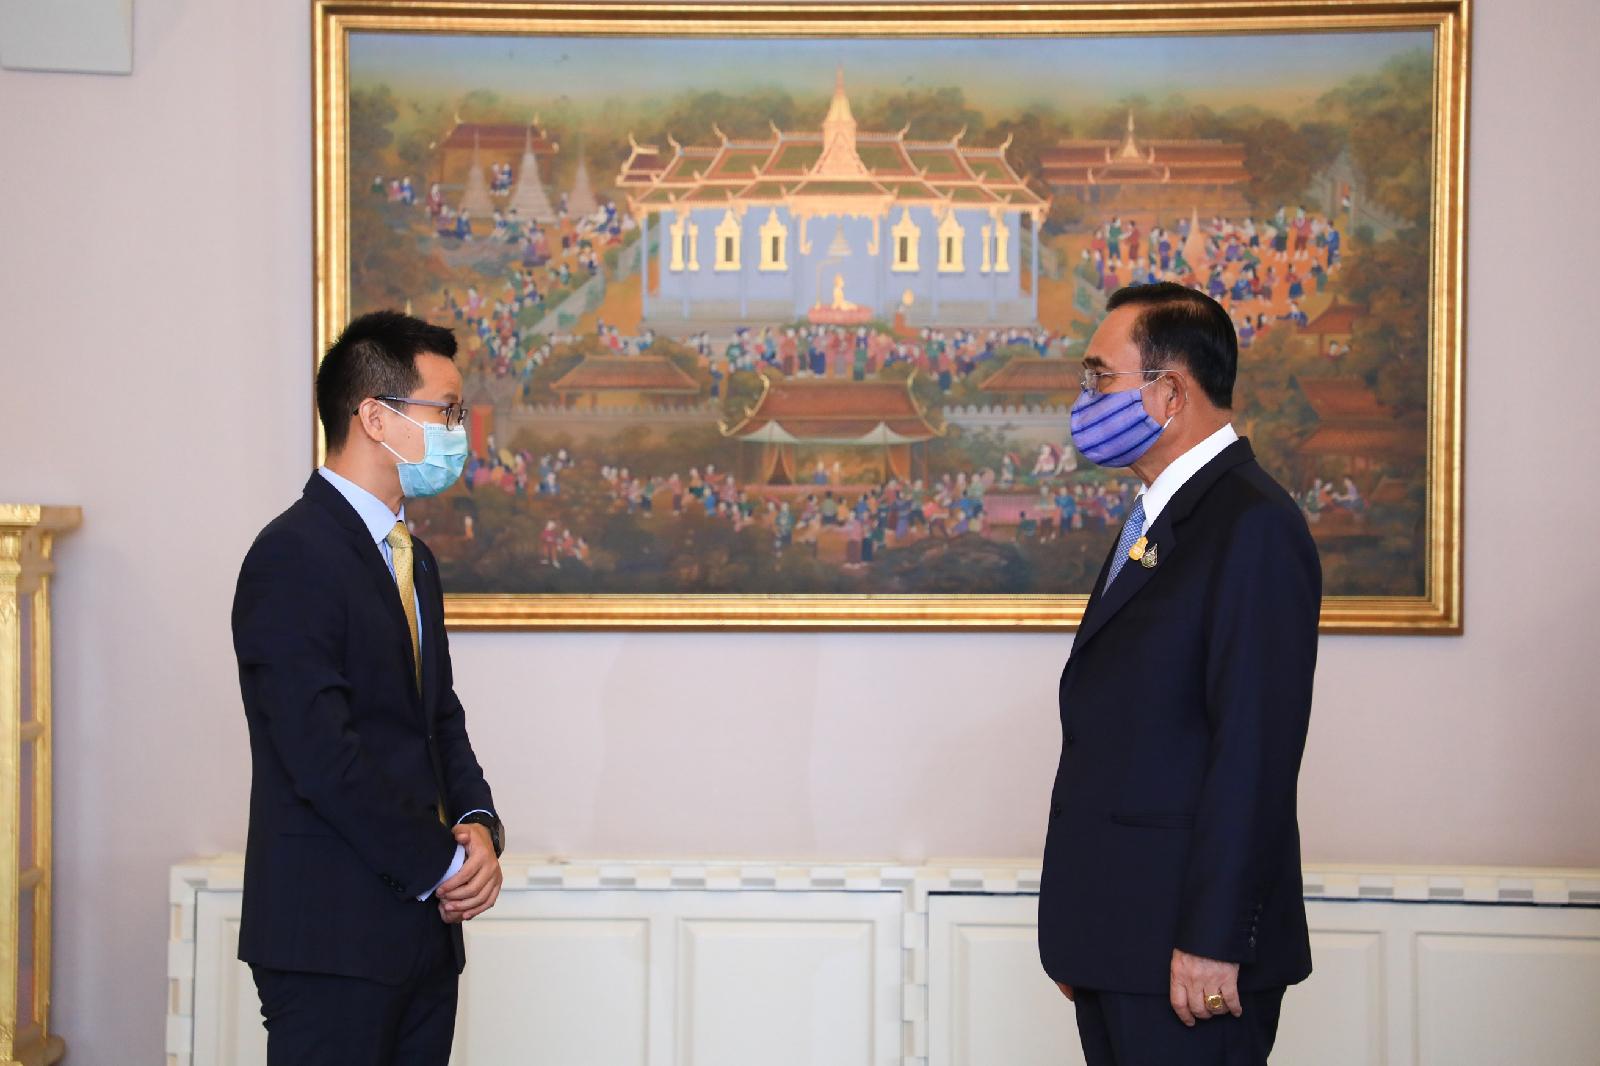 นายกรัฐมนตรี ต้อนรับ Huawei ร่วมเสริมศักยภาพเทคโนโลยีดิจิทัลผ่าน 5Gเสริมทัพรัฐบาลไทยฟื้นฟูเศรษฐกิจหลัง Covid-19